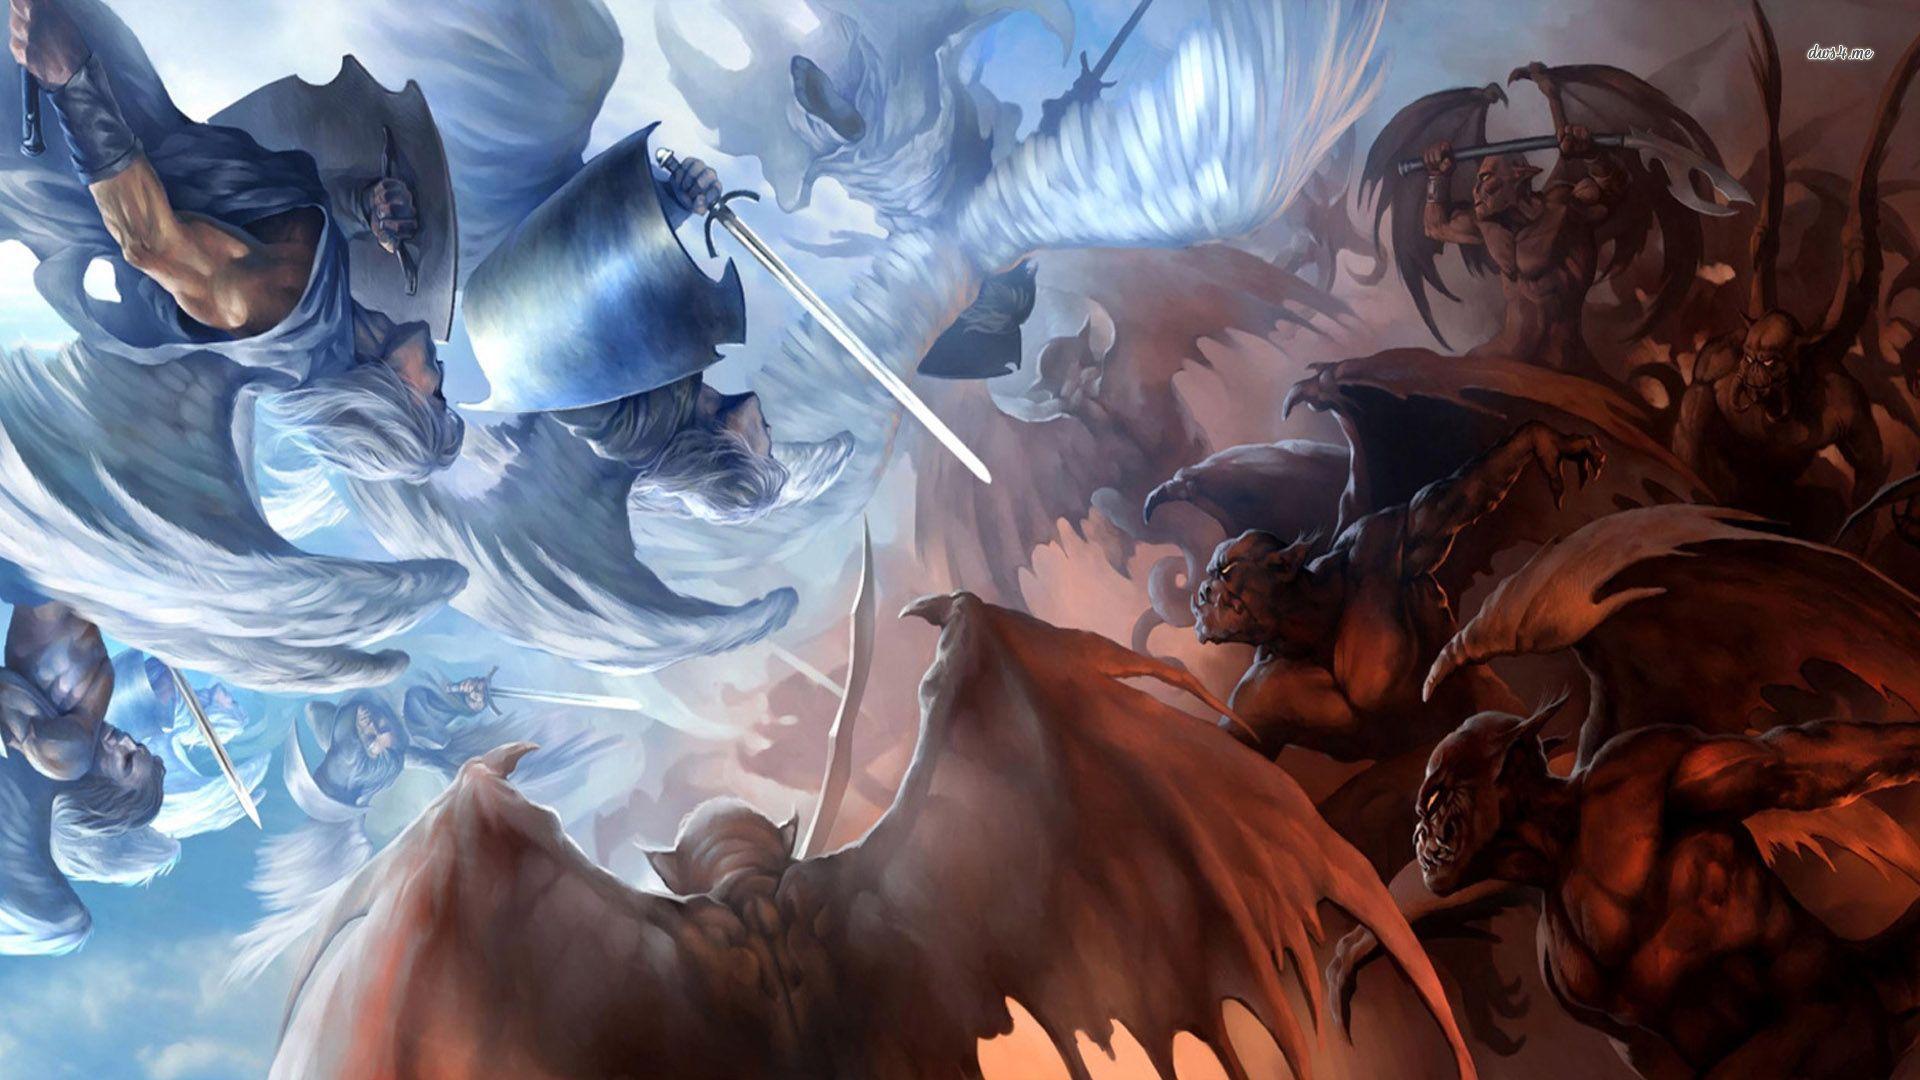 Kết quả hình ảnh cho the fight between angel and devil anime